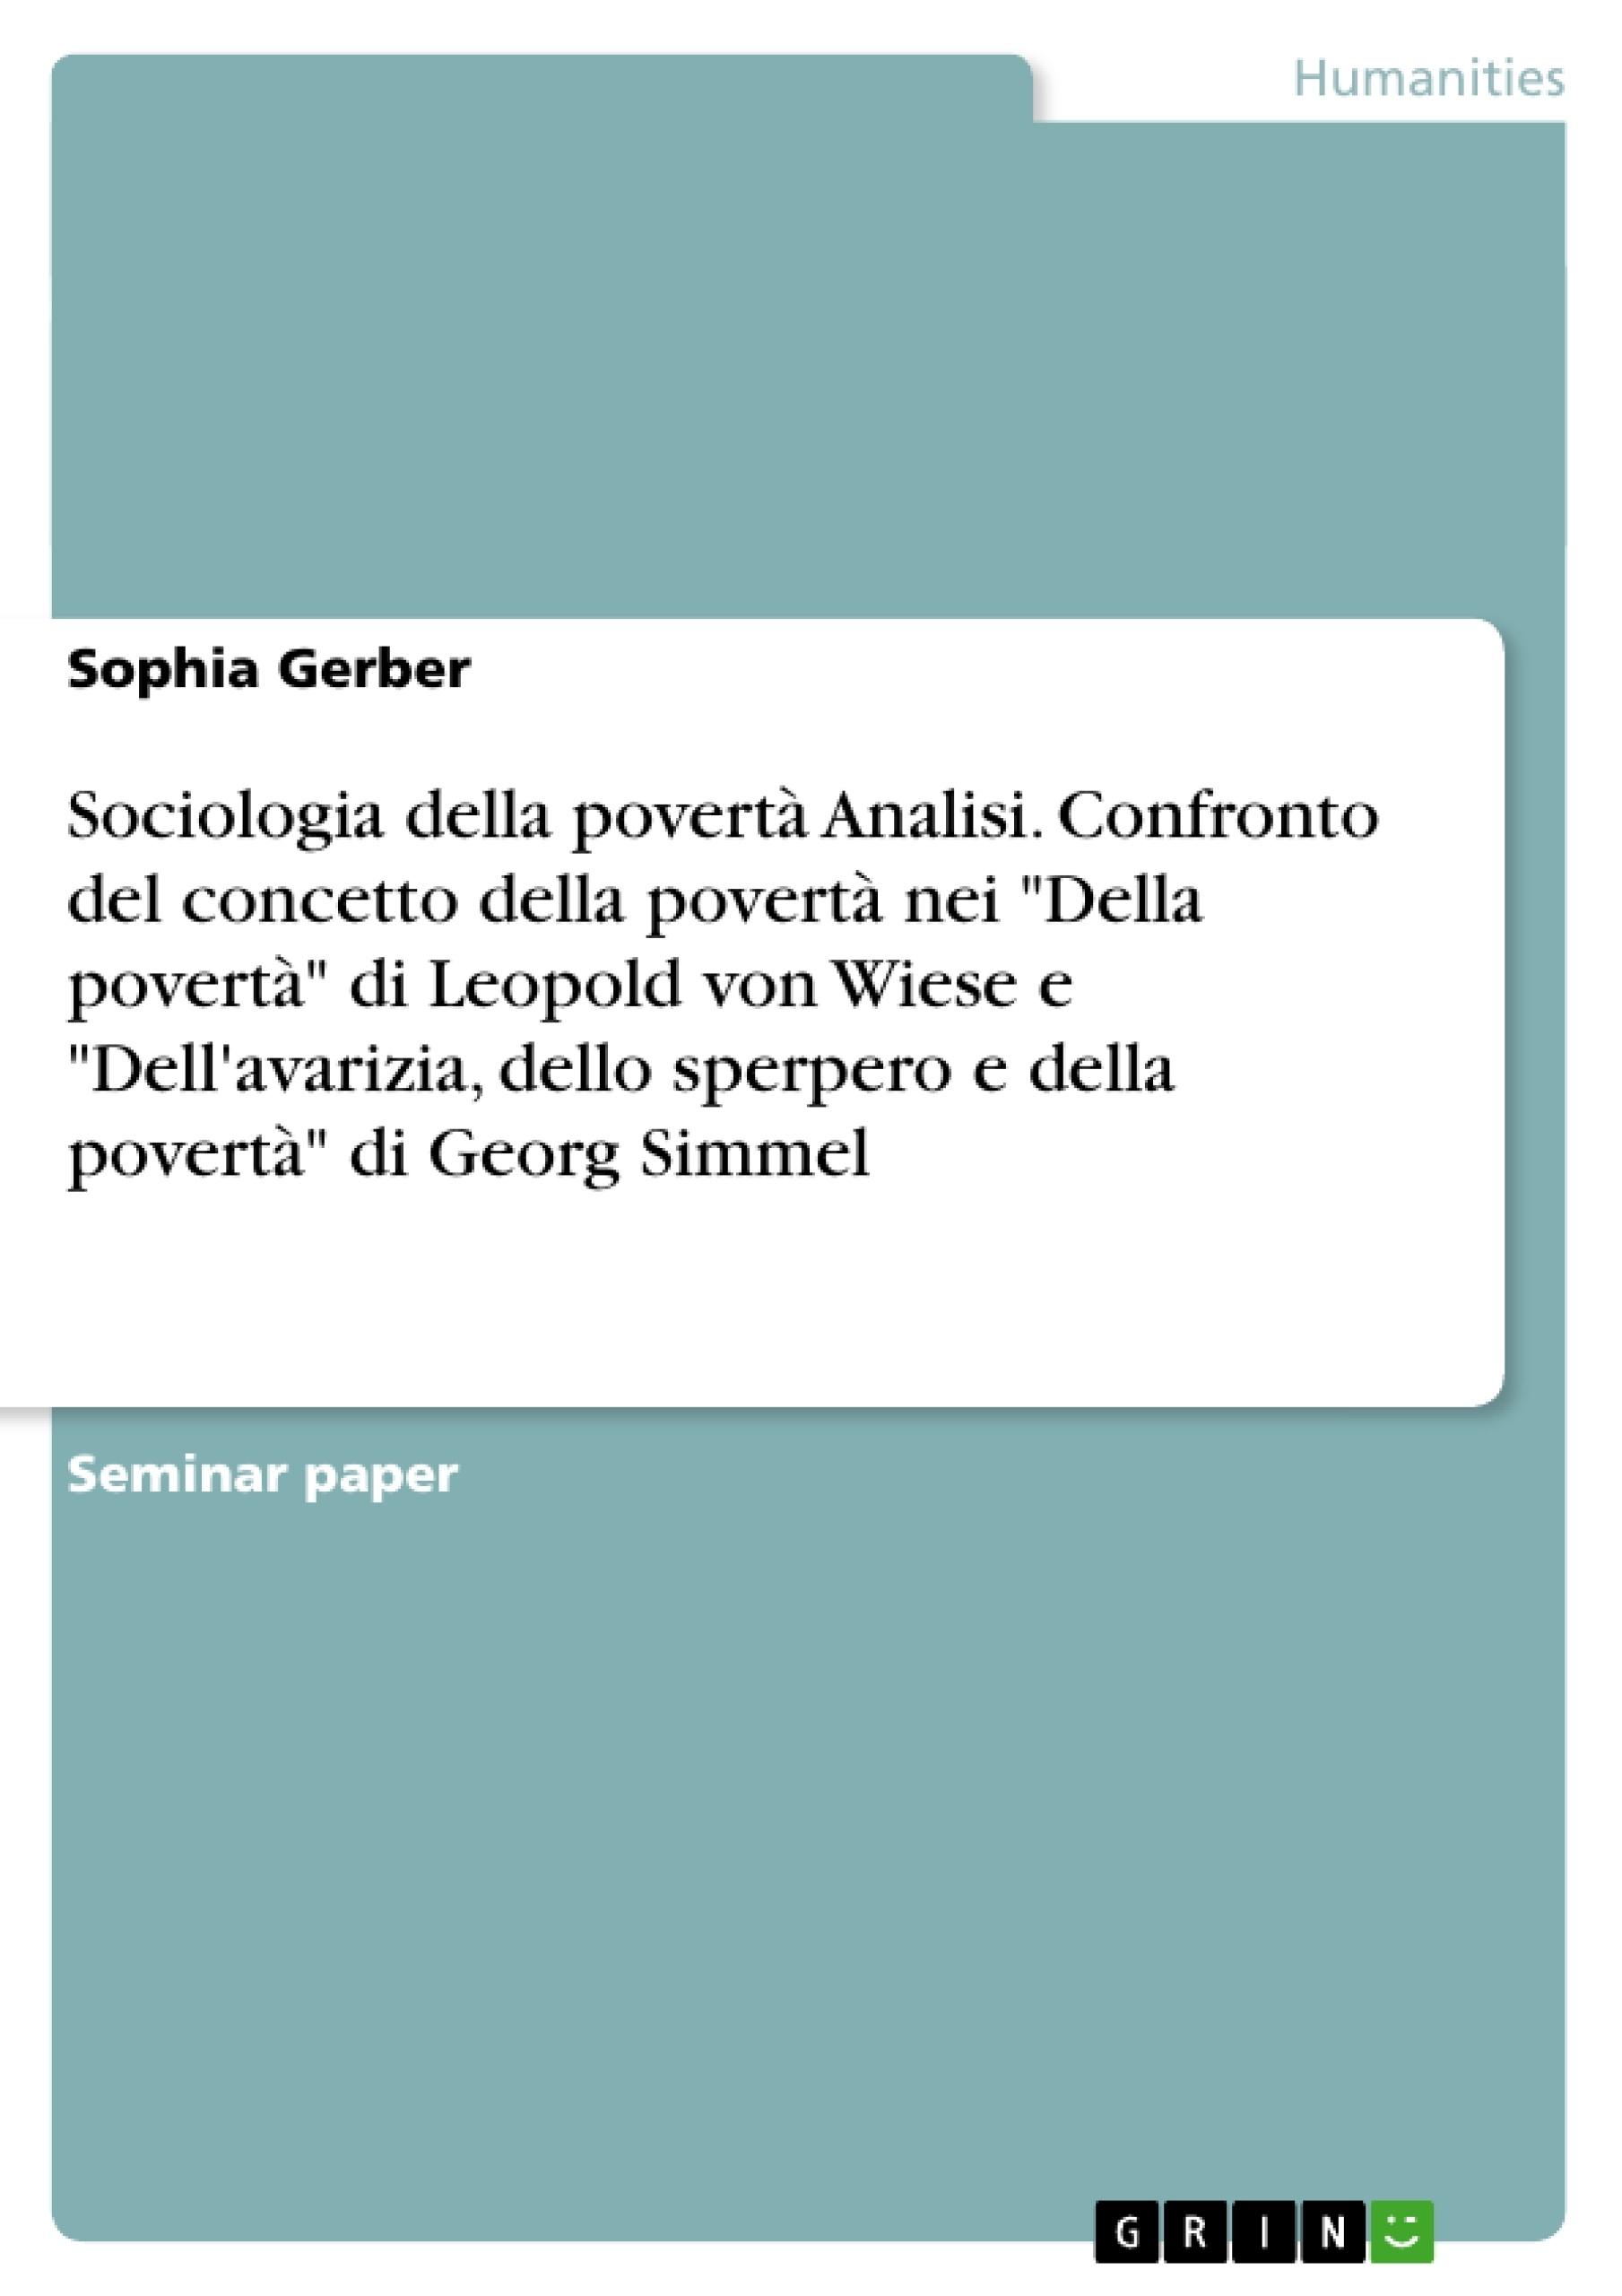 """Title: Sociologia della povertà Analisi. Confronto del concetto della povertà nei """"Della povertà"""" di Leopold von Wiese e """"Dell'avarizia, dello sperpero e della povertà"""" di Georg Simmel"""